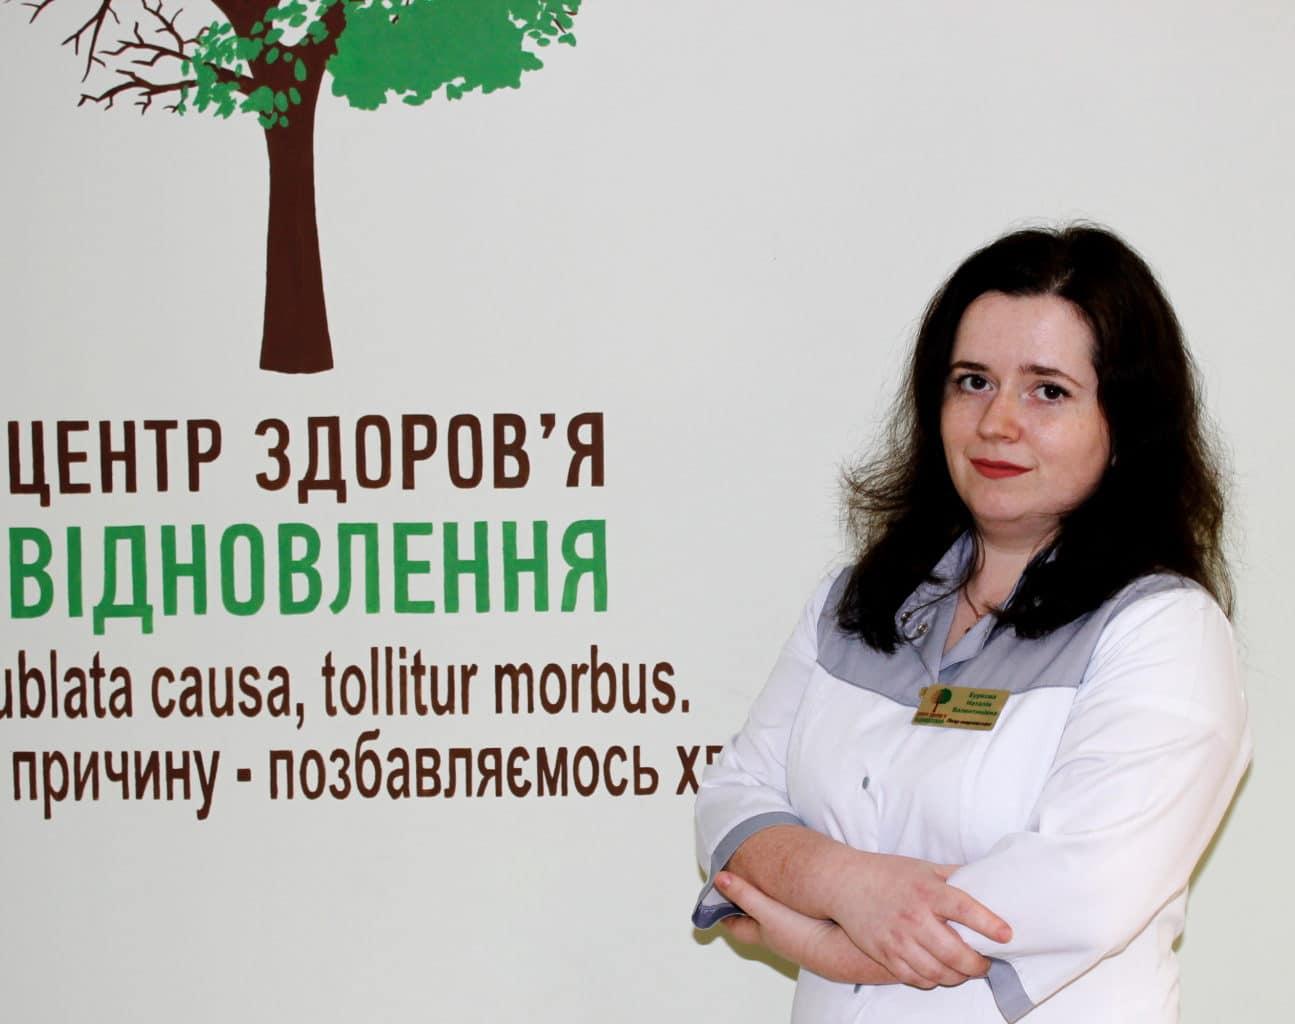 """невролог Житомир, медицинский центр """"Відновлення"""""""